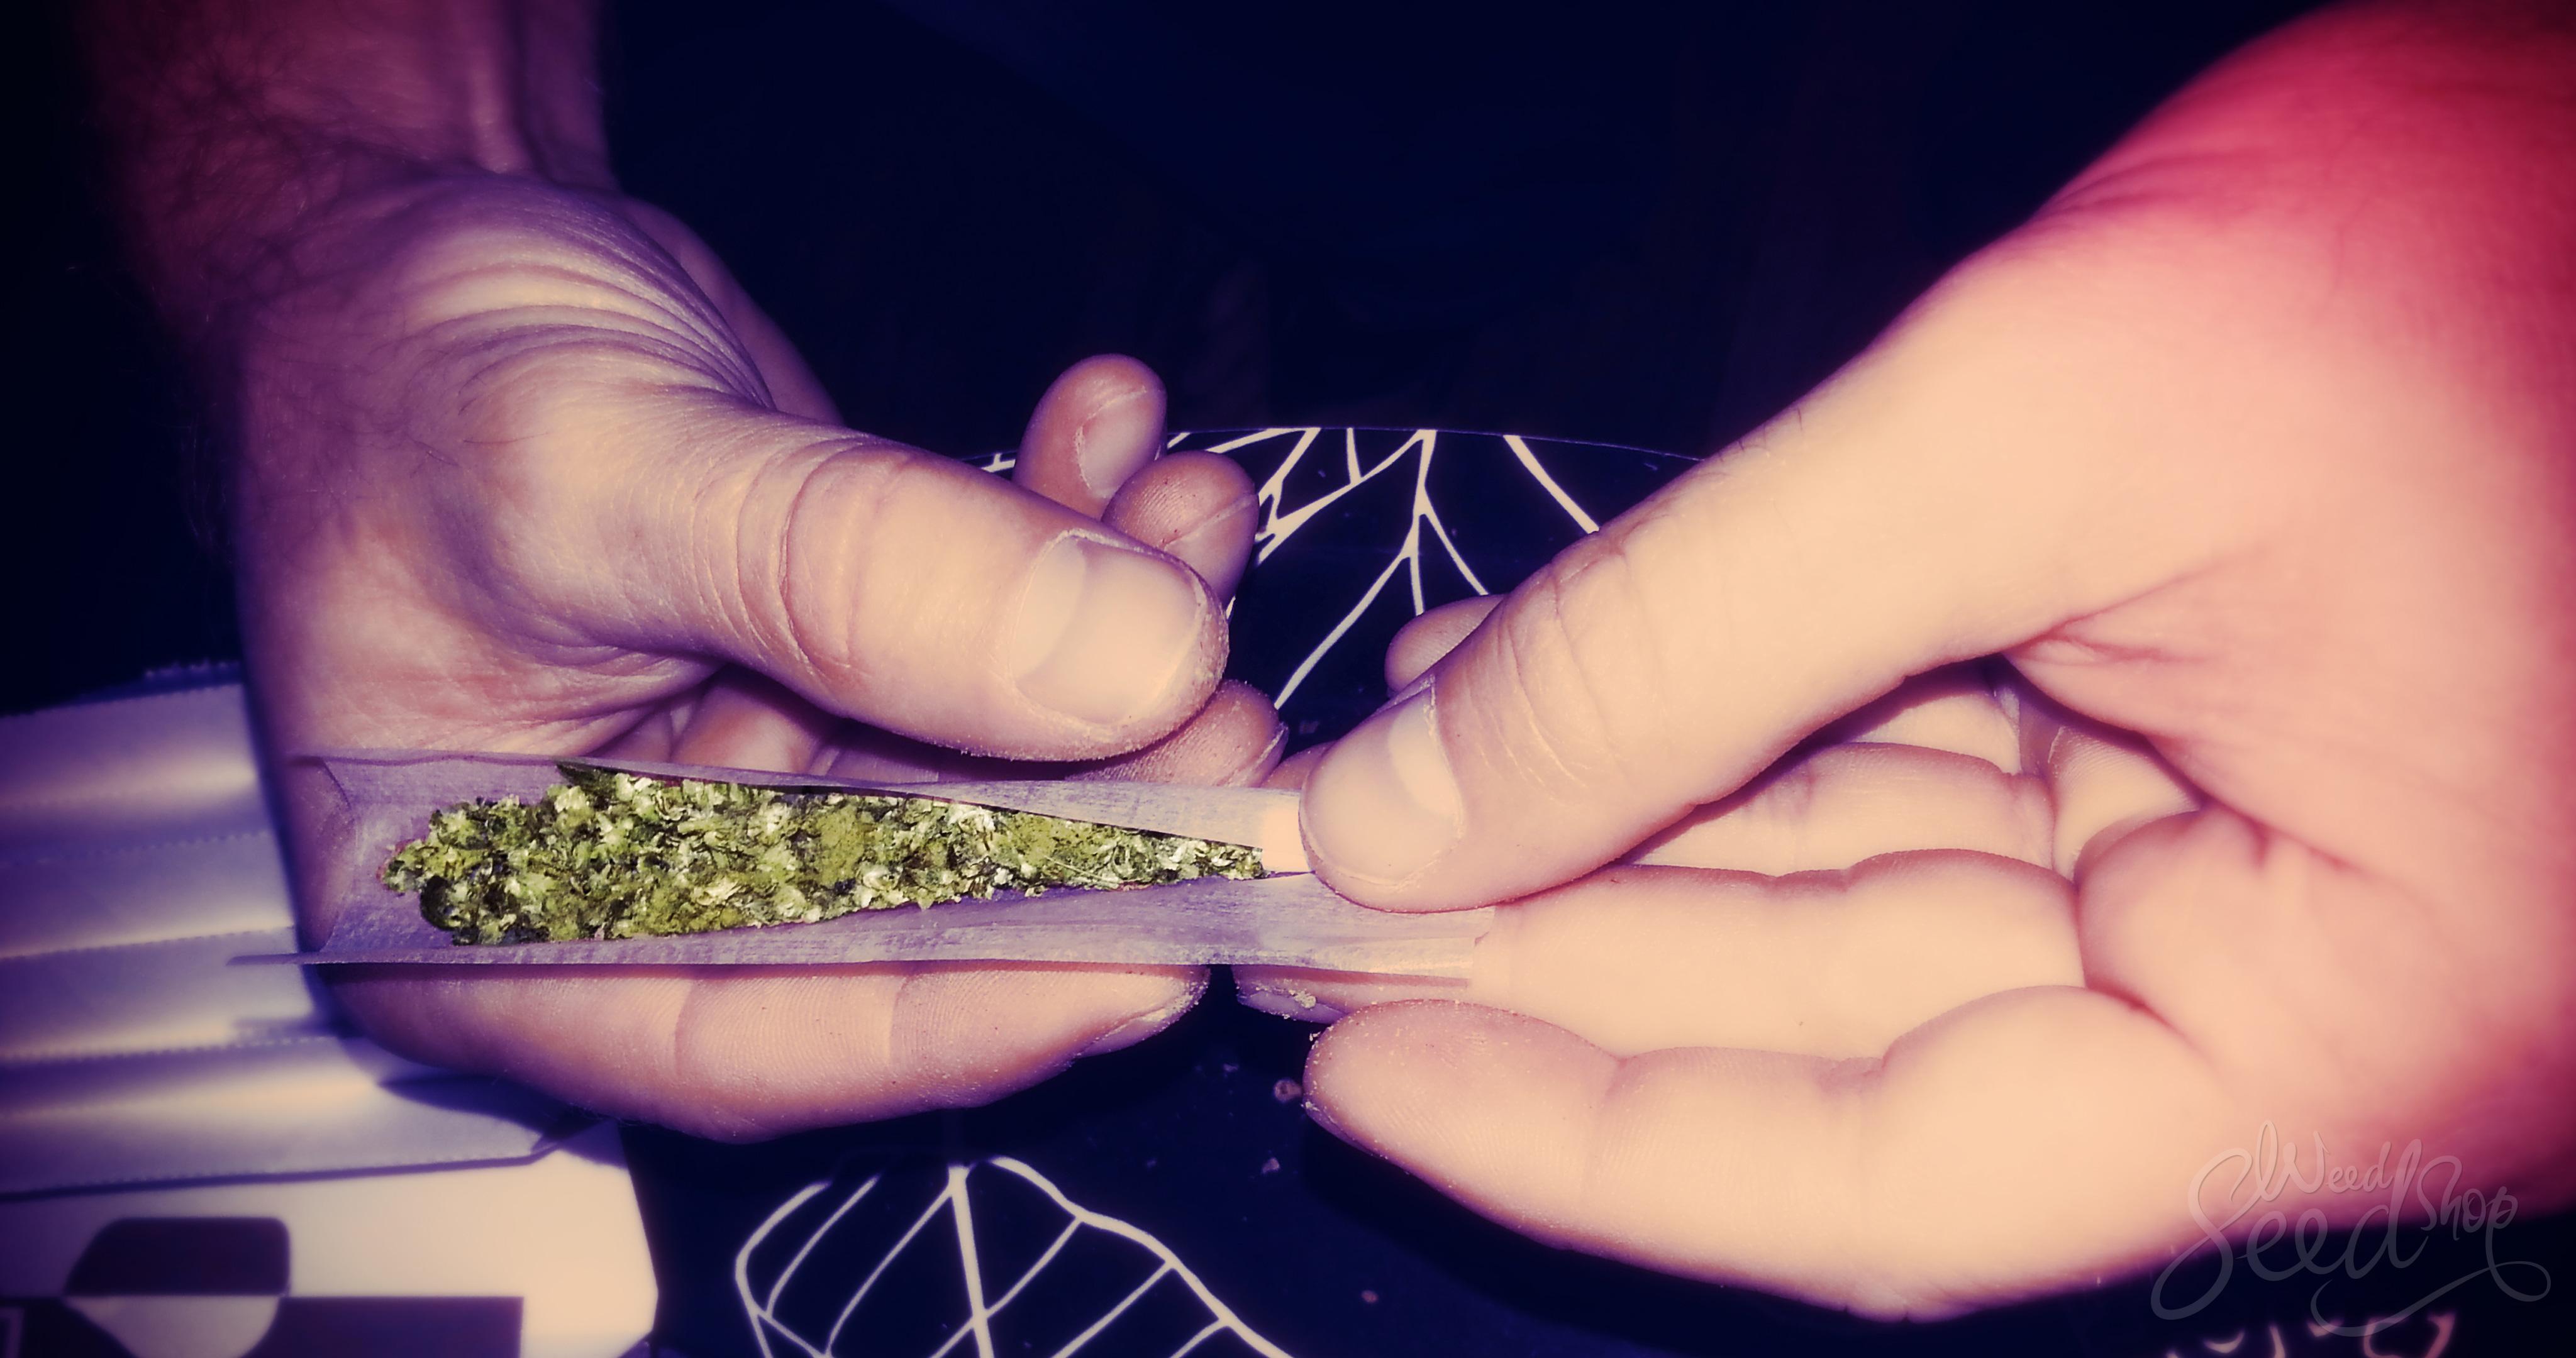 Alternativas herbales del tabaco para tu mezcla de marihuana - WeedSeedShop Blog